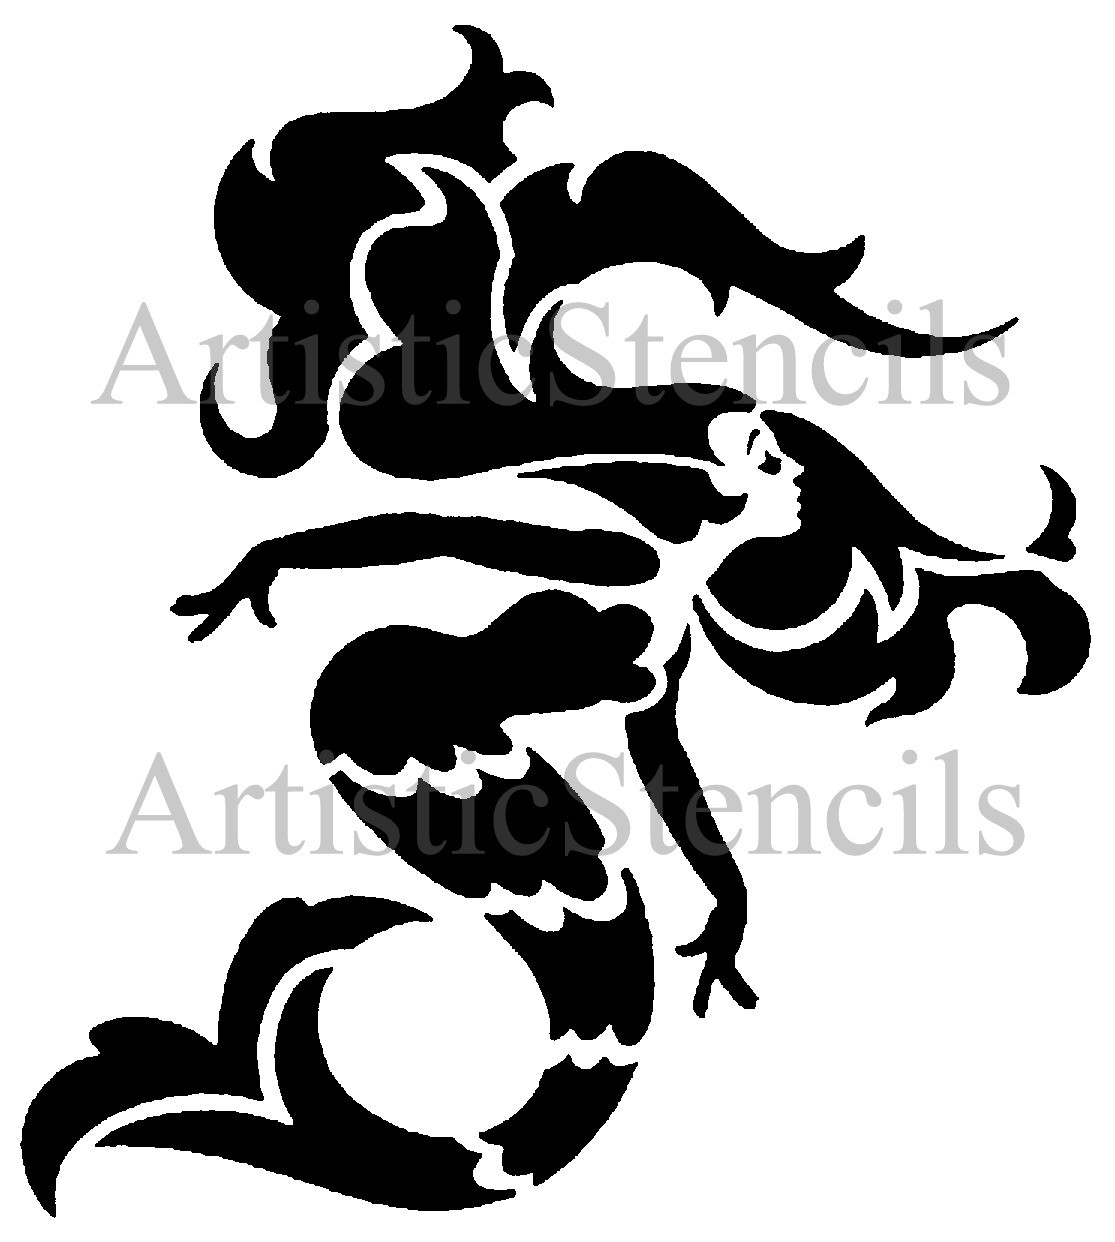 STENCIL Art Deco Mermaid 10x9 by ArtisticStencils on Etsy.